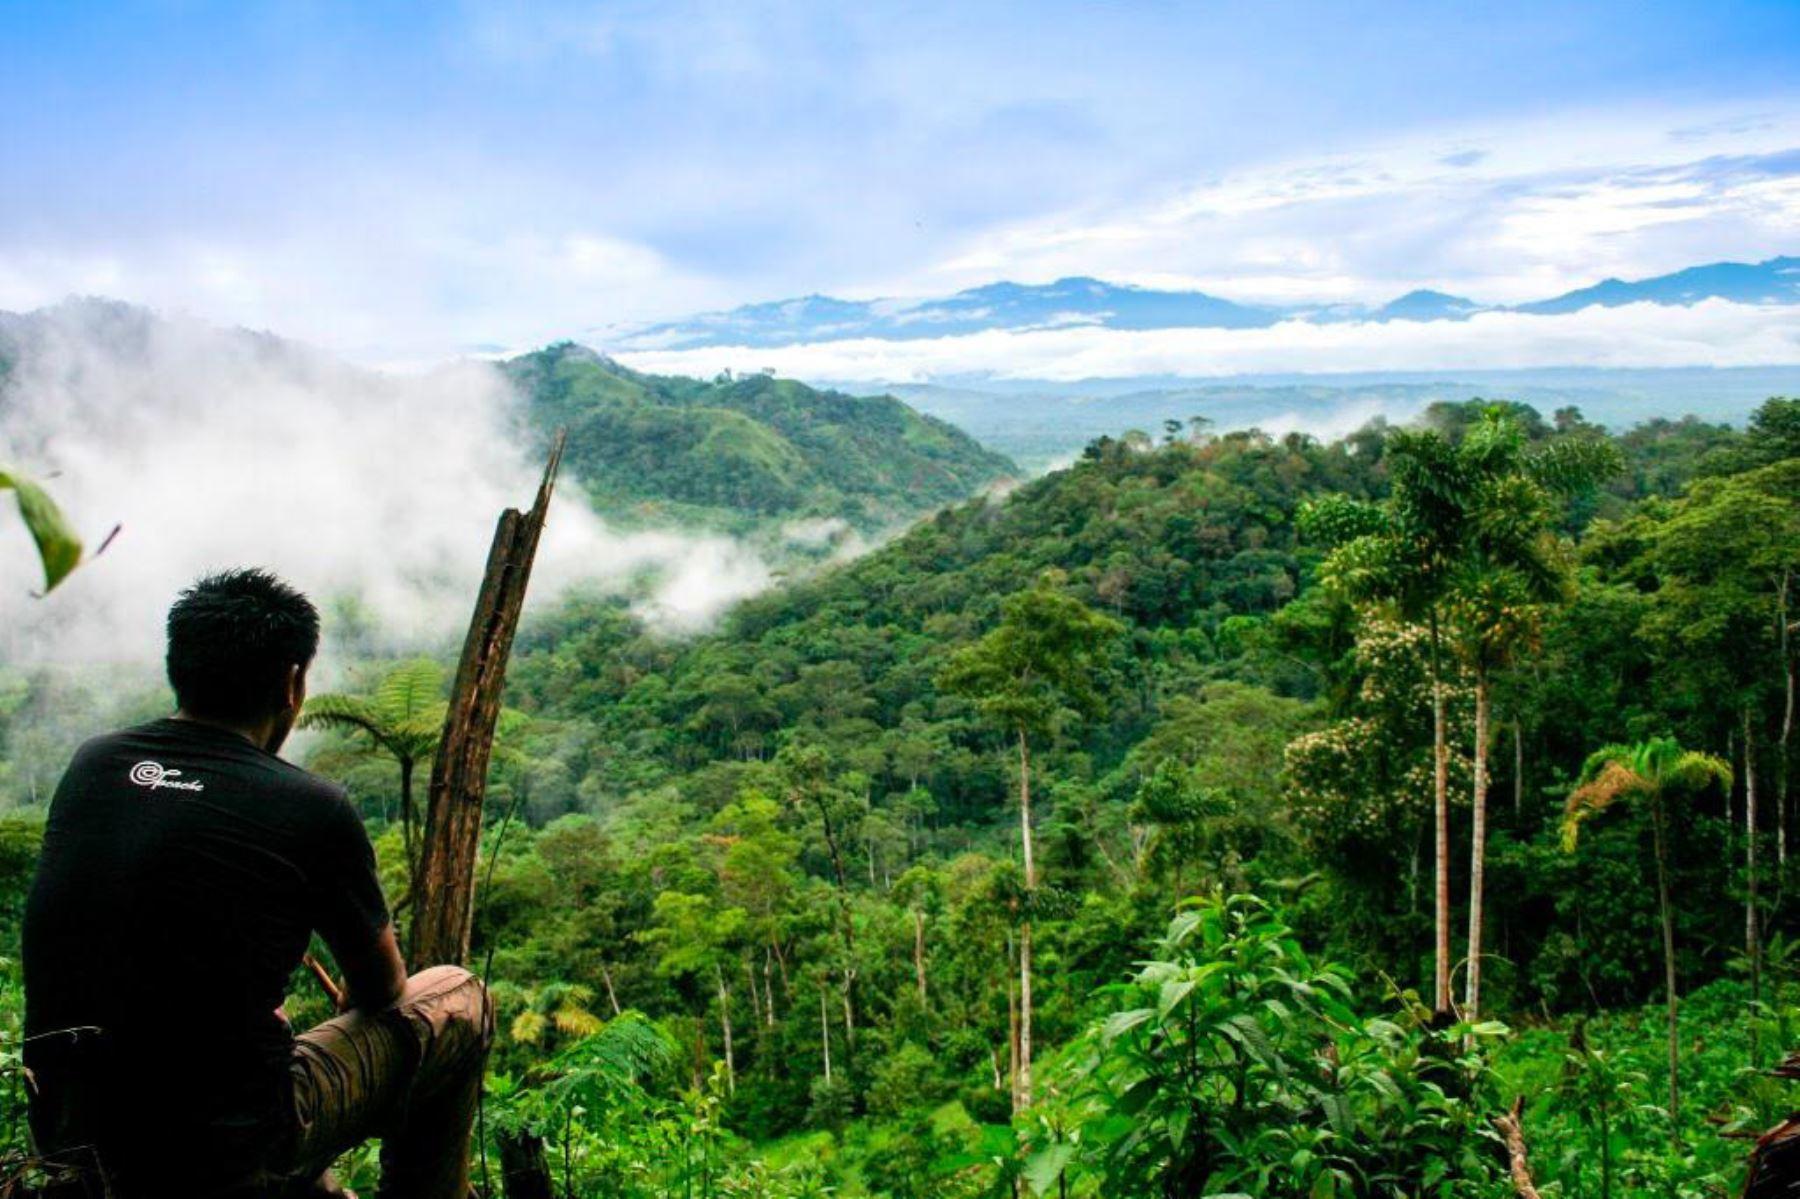 El Minam impulsará el tránsito hacia una economía circular y adoptar soluciones basadas en la naturaleza, como combatir la primera fuente de emisiones de gas invernadero en el Perú que produce la deforestación. Foto: ANDINA/Minam